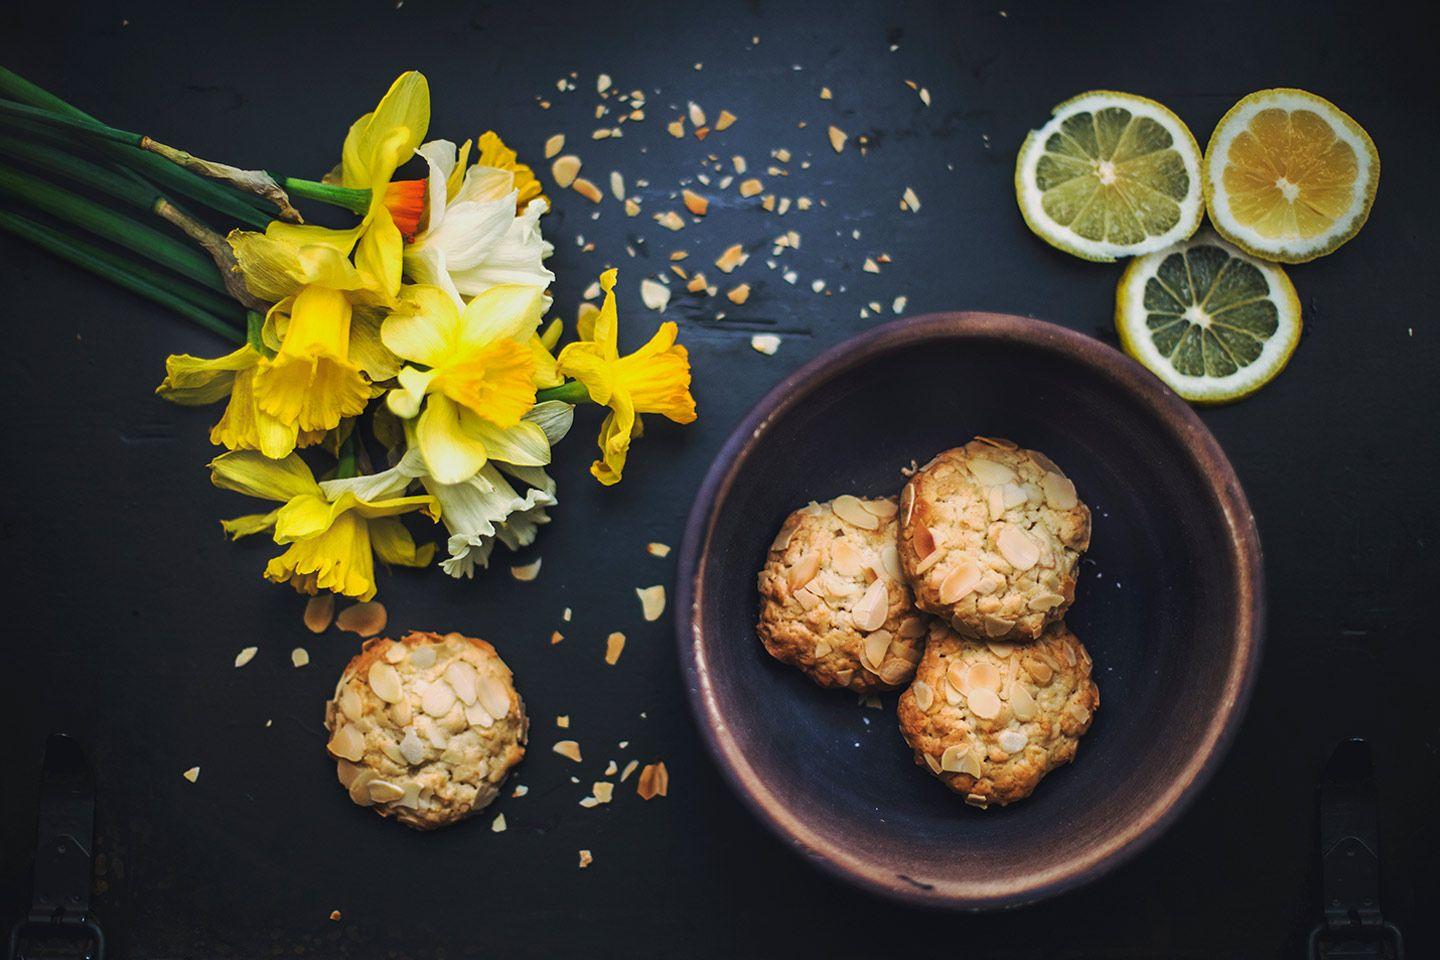 آشپزی به سبک شرقی